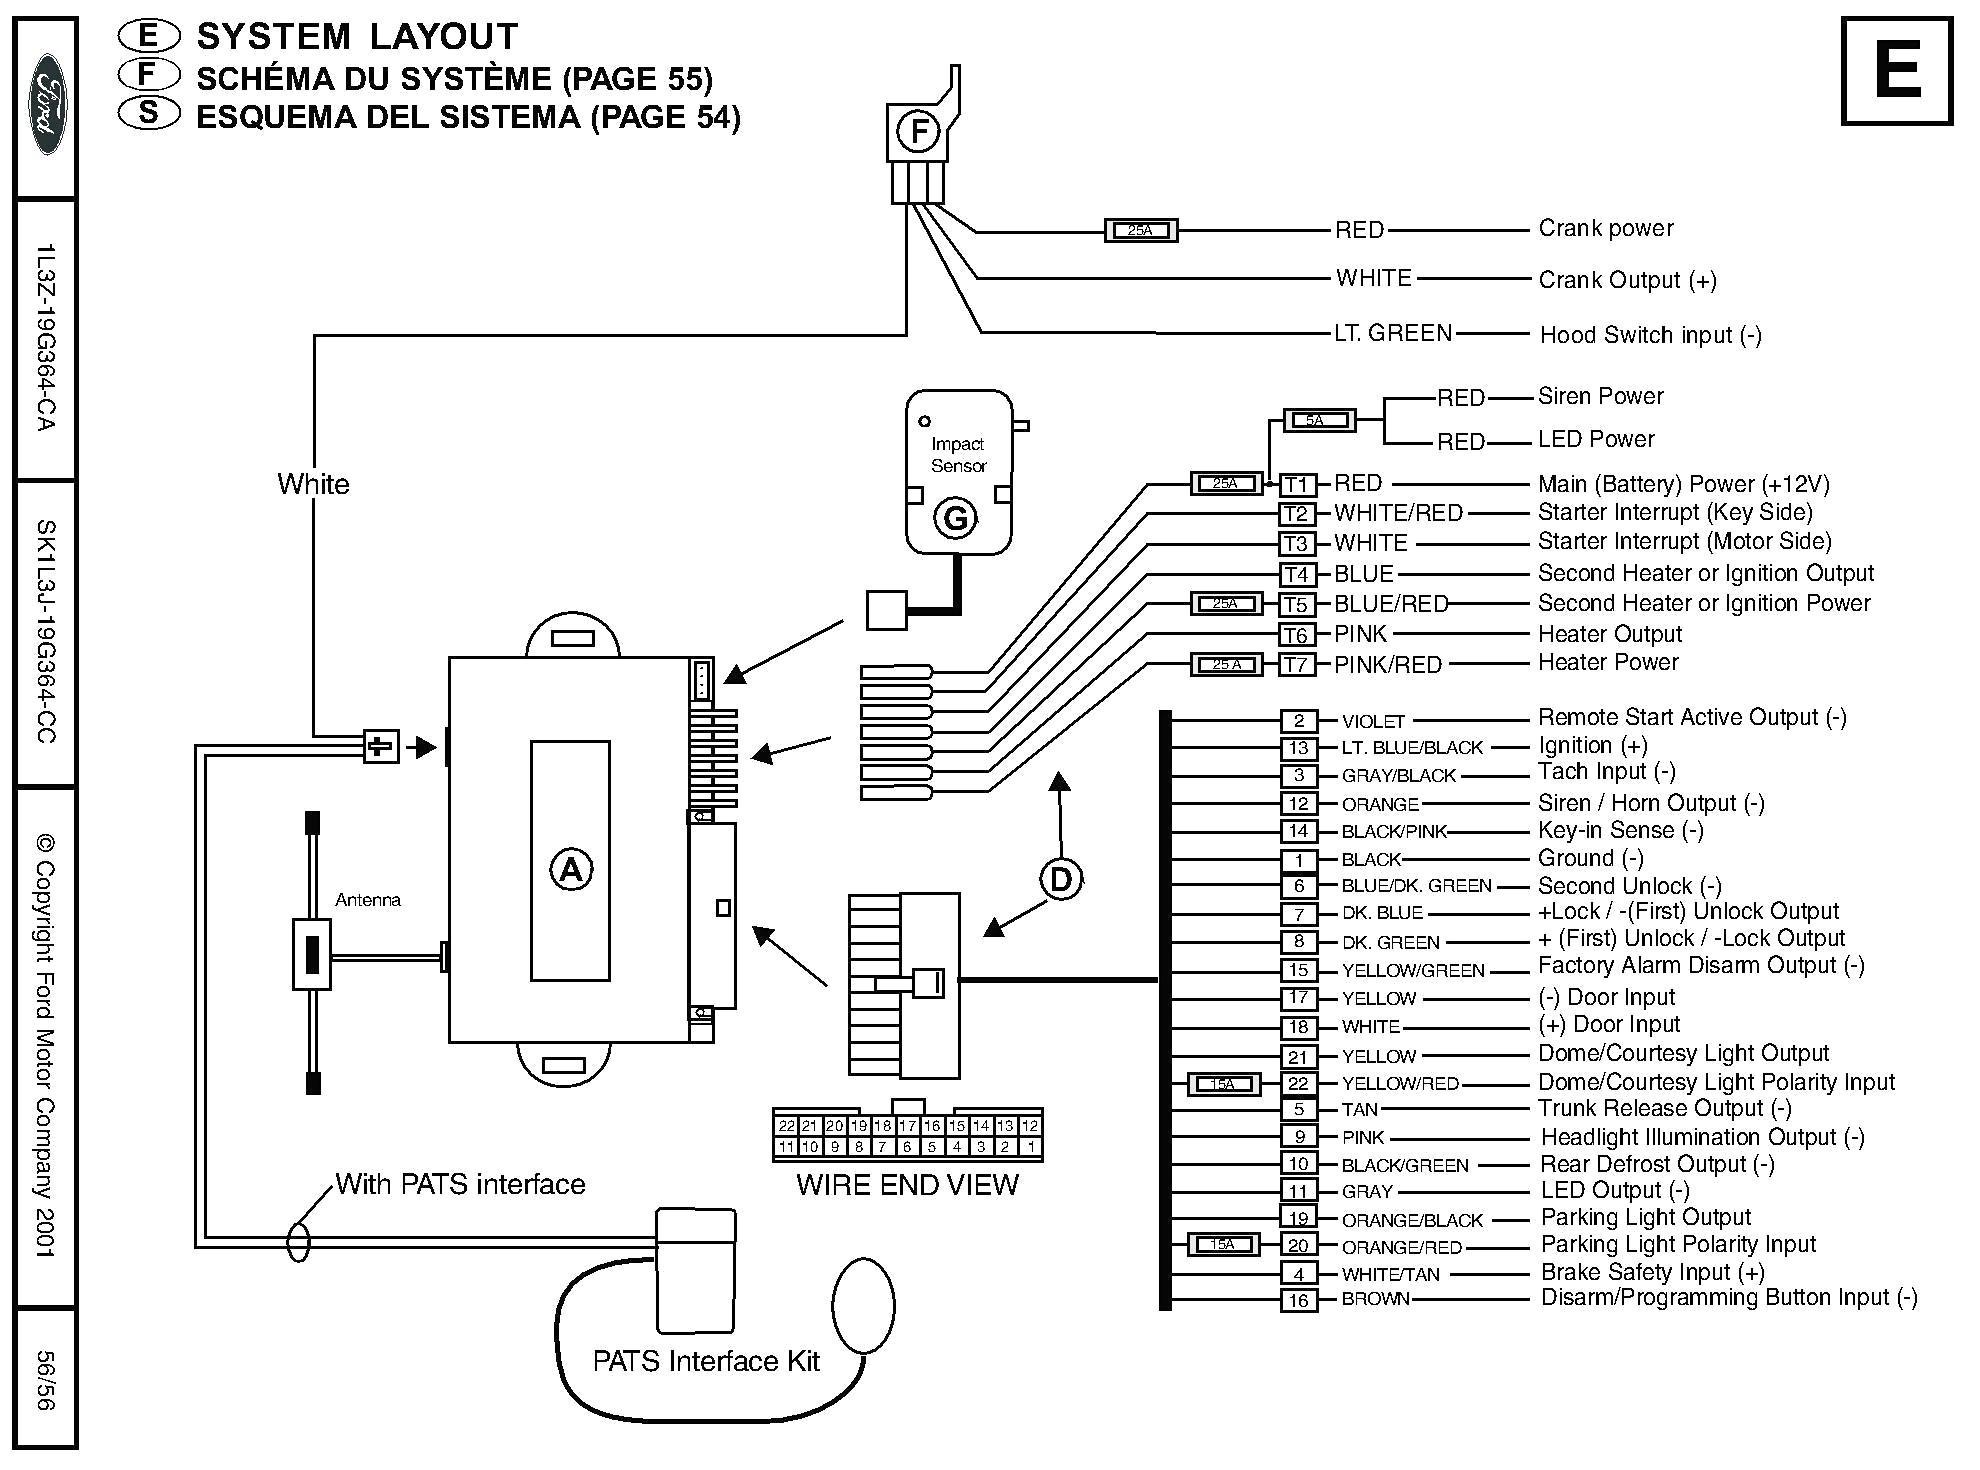 Car Alarm Circuit Diagram Bulldog Car Alarm Wiring Diagram Domestic Fresh Manual In Of Car Alarm Circuit Diagram